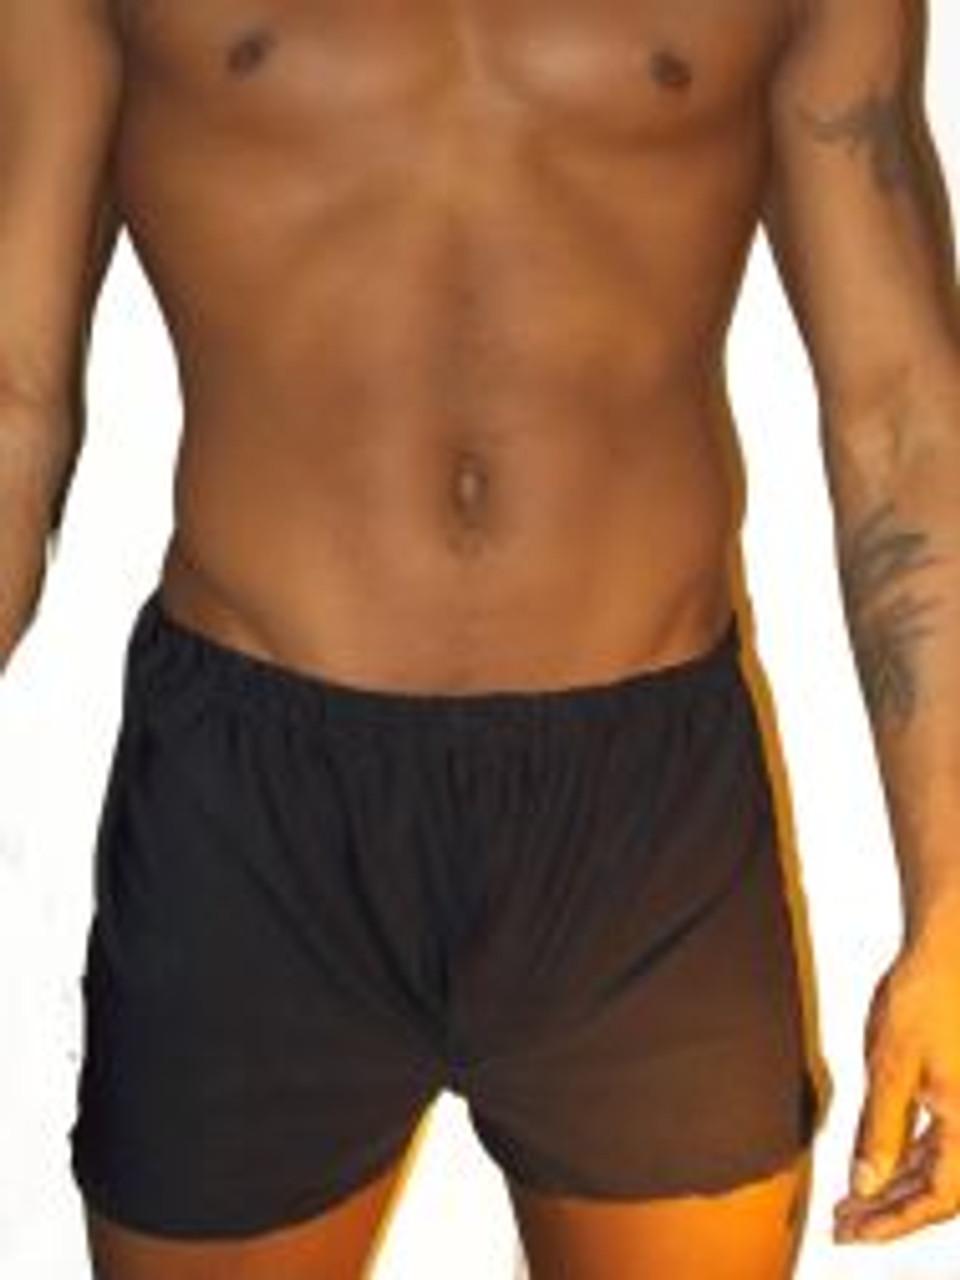 spandex boxers